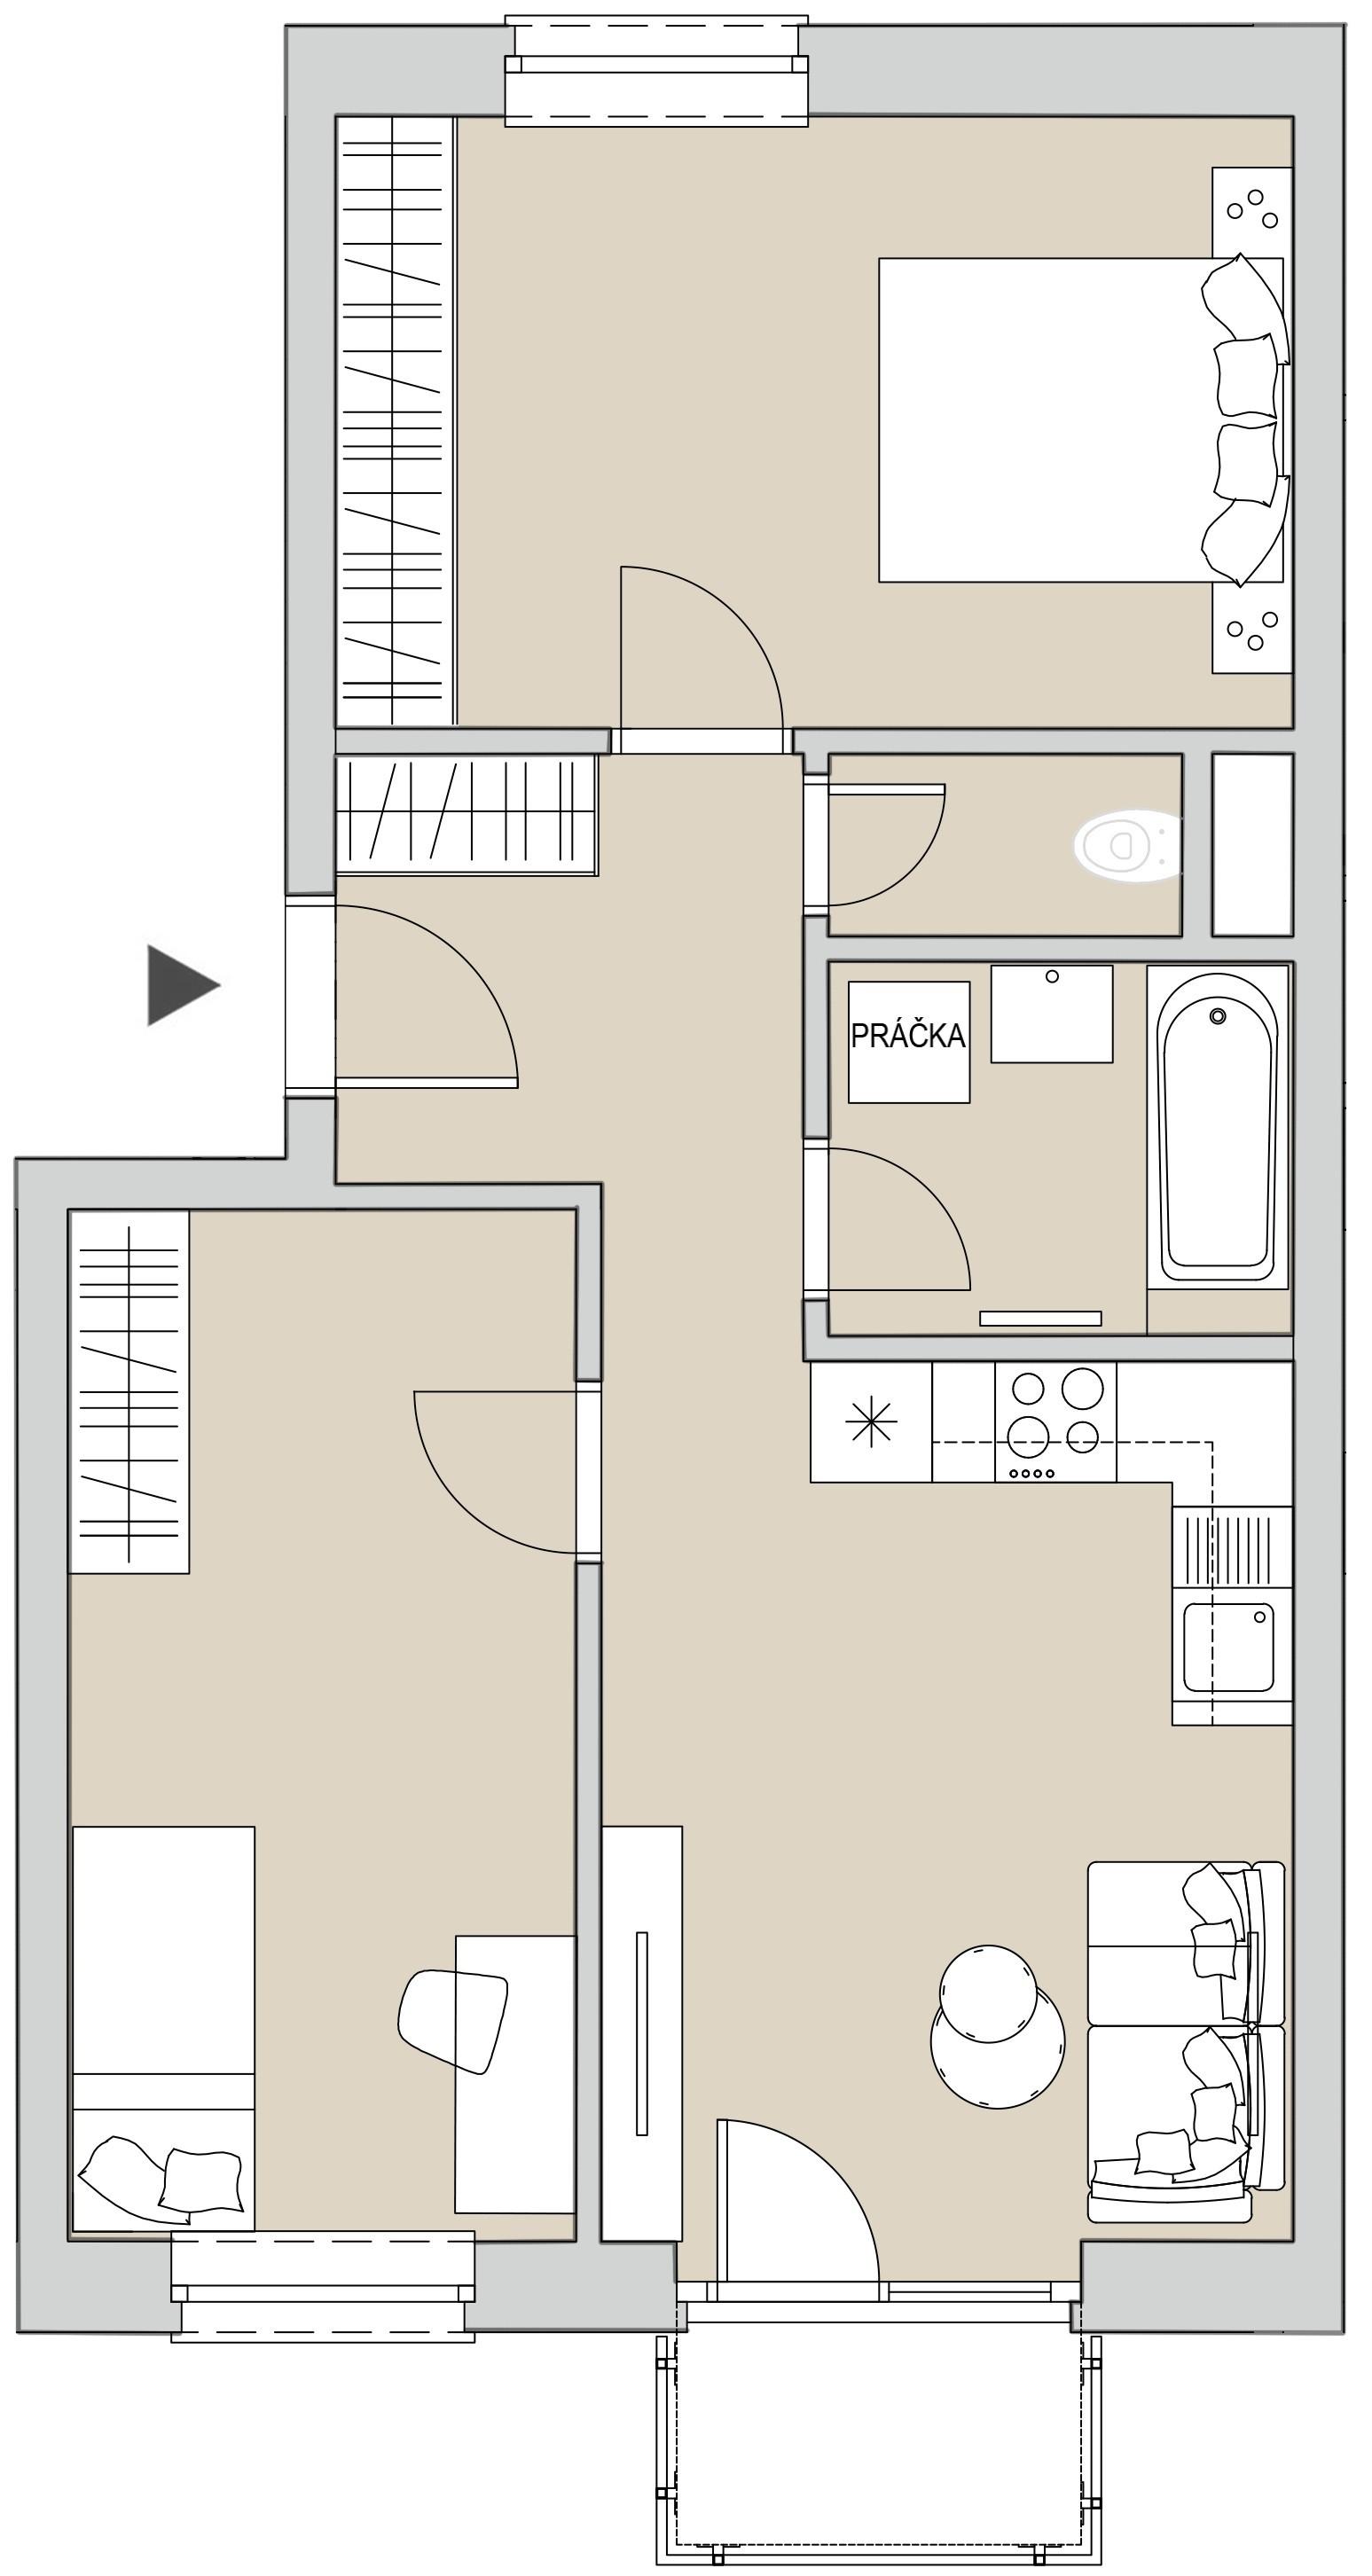 Pôdory bytu - 204 - varianta 3 - izbový